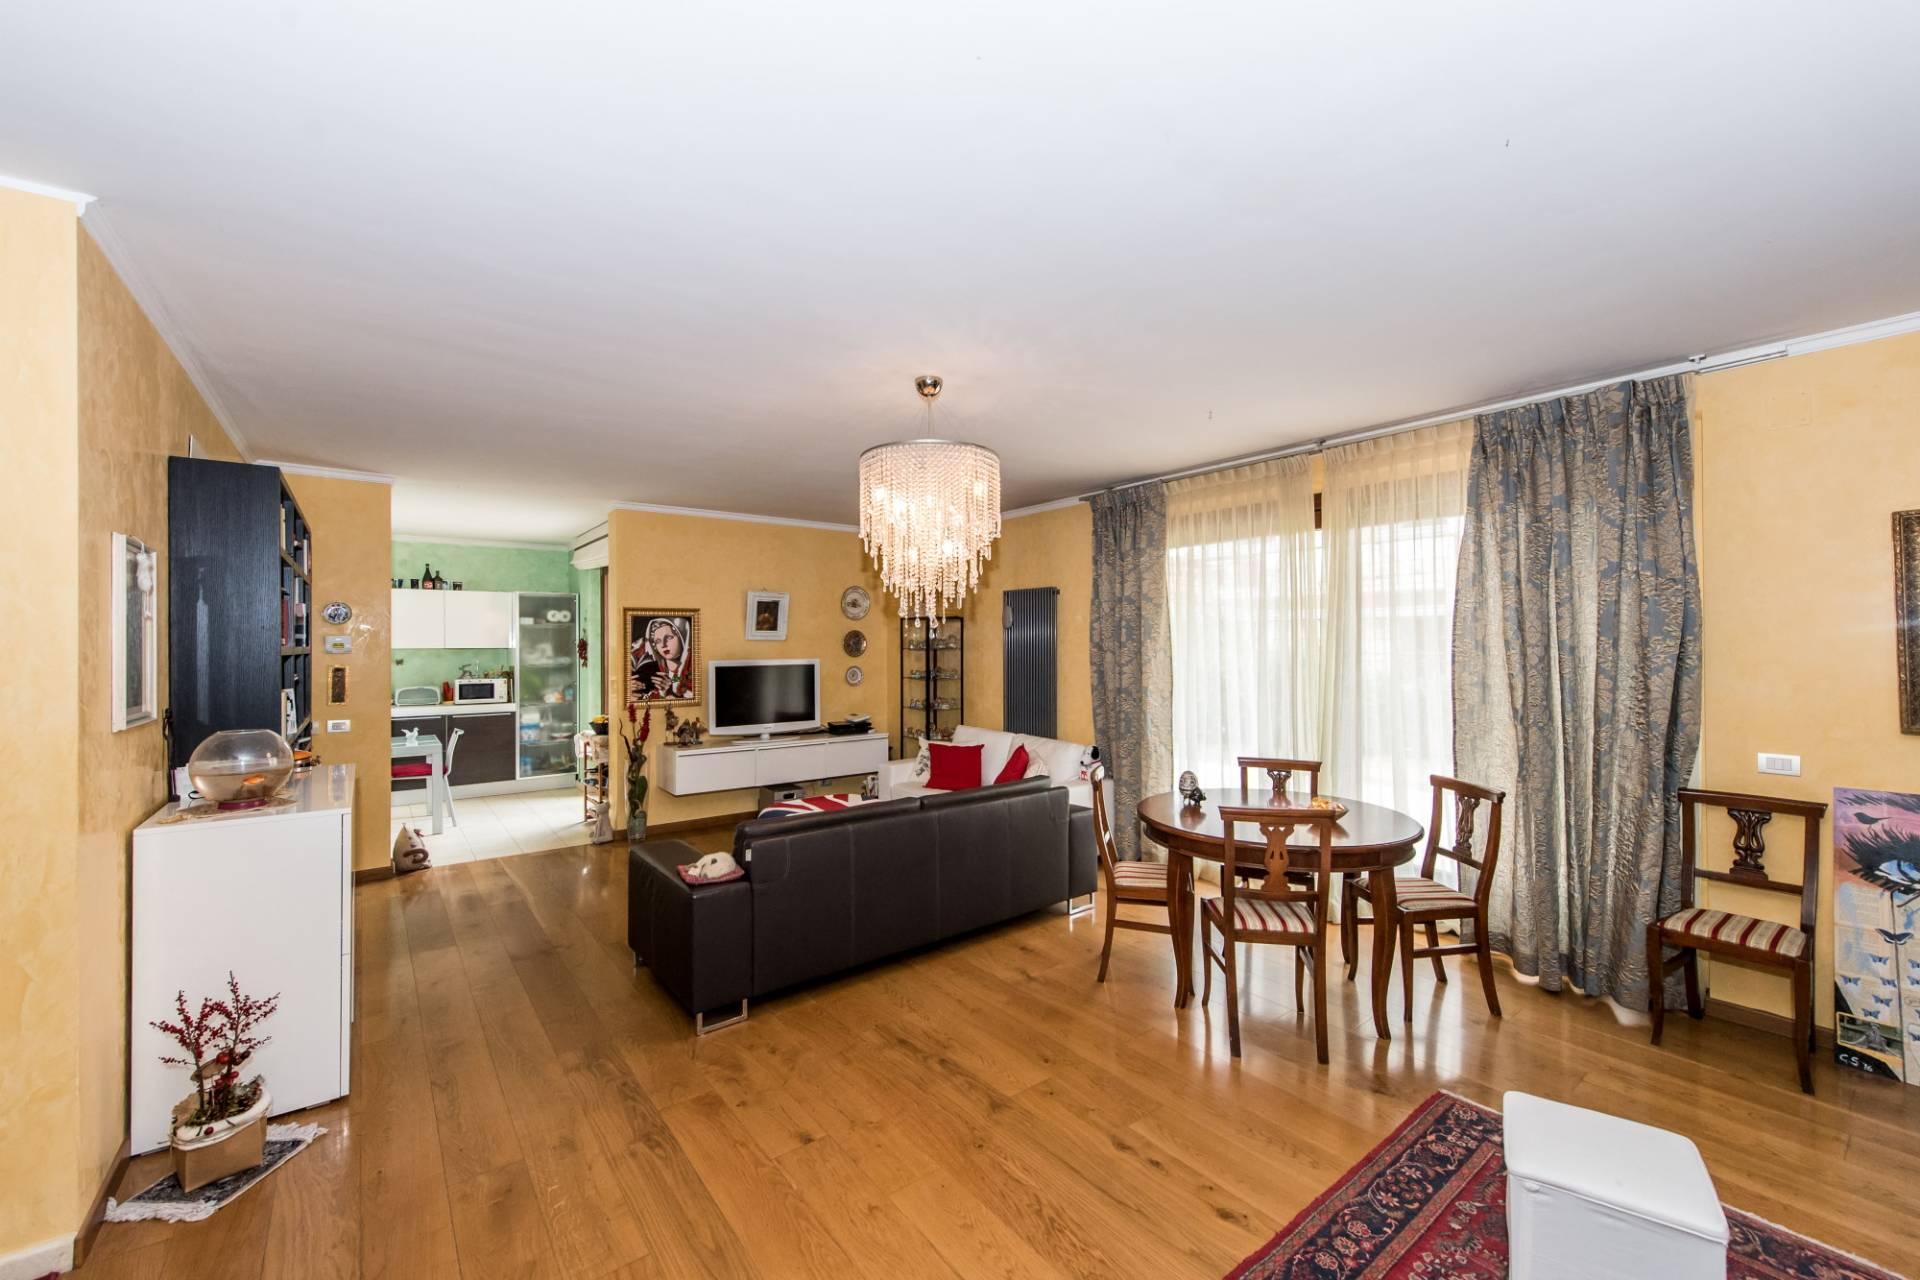 Villa in vendita a Chieti, 9 locali, zona Zona: Stazione, prezzo € 410.000 | Cambio Casa.it